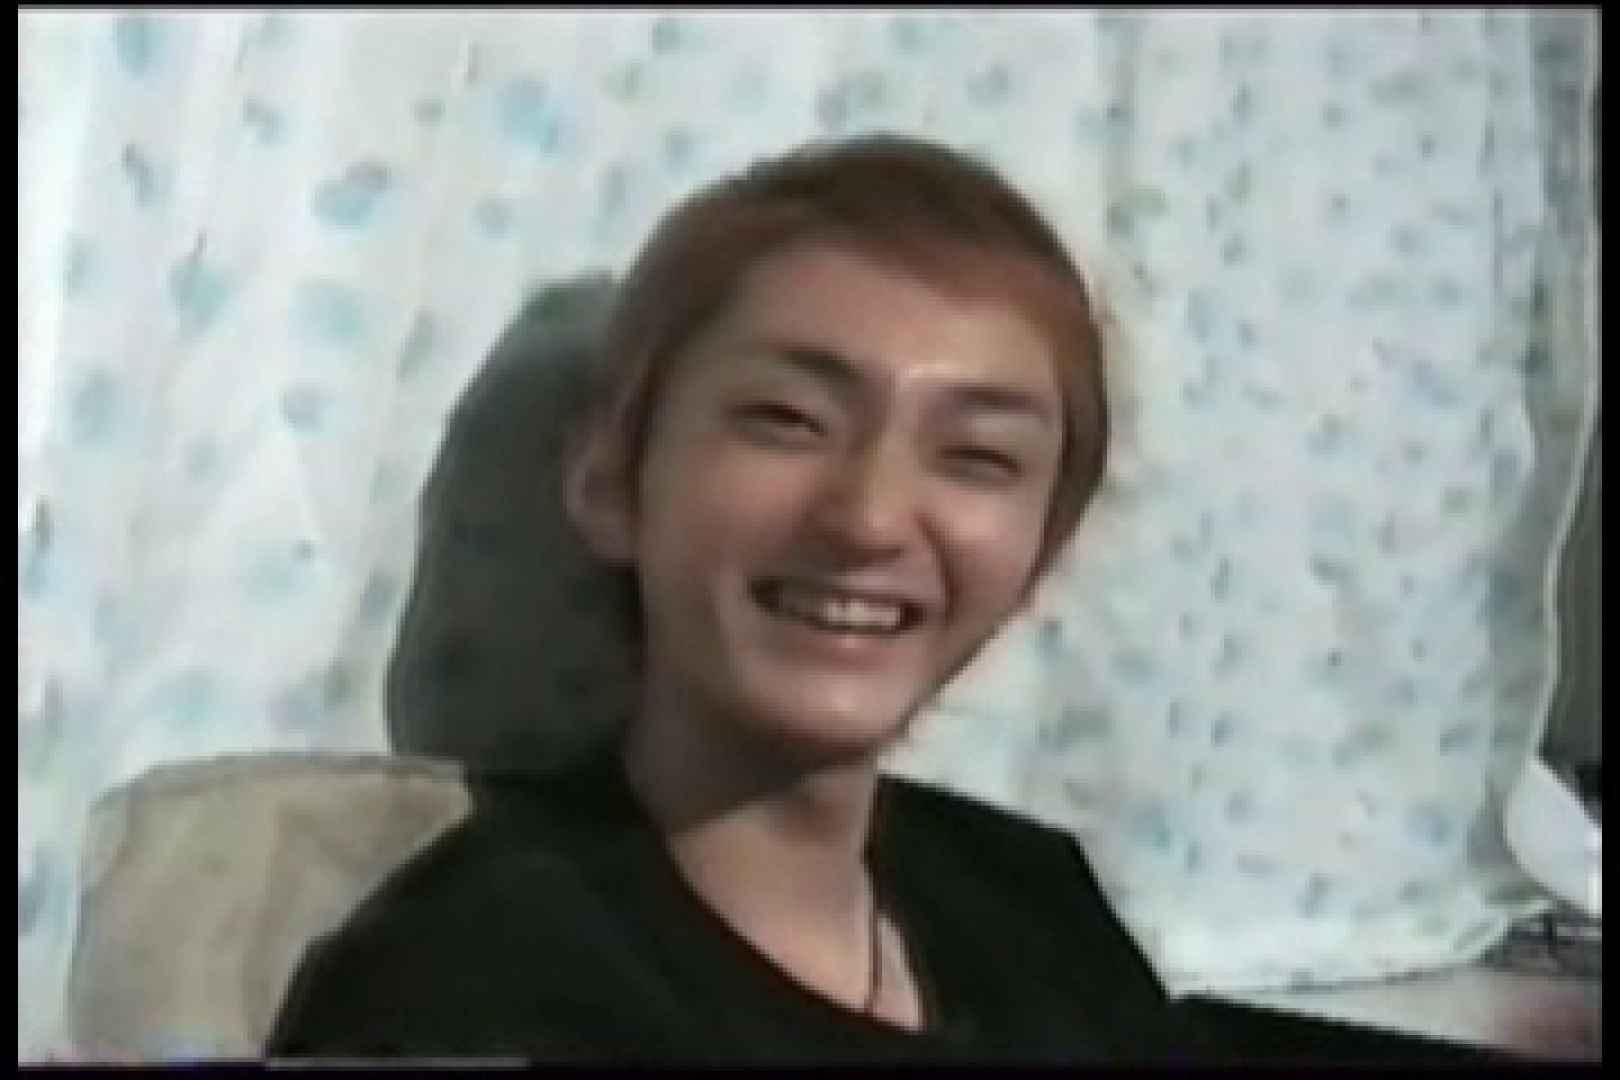 【流出】アイドルを目指したジャニ系イケメンの過去 イケメン・パラダイス ゲイ丸見え画像 70画像 45